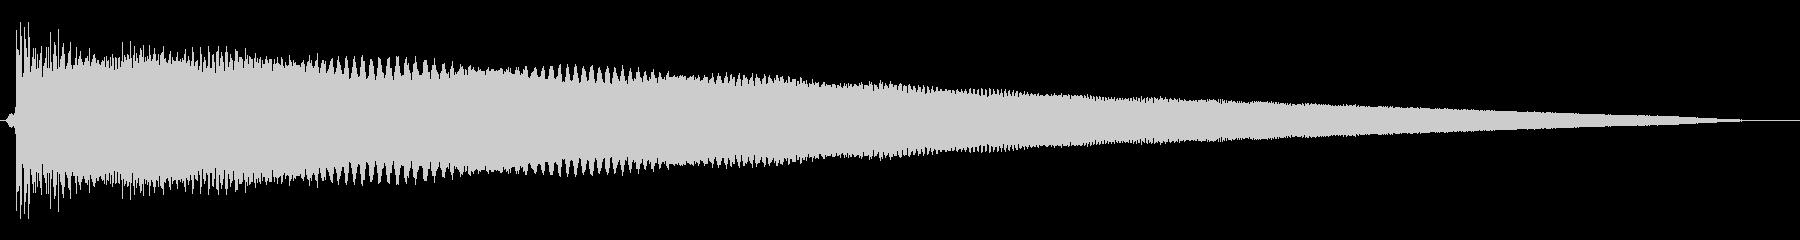 カ↓ン↑ンというコミカルな音の未再生の波形